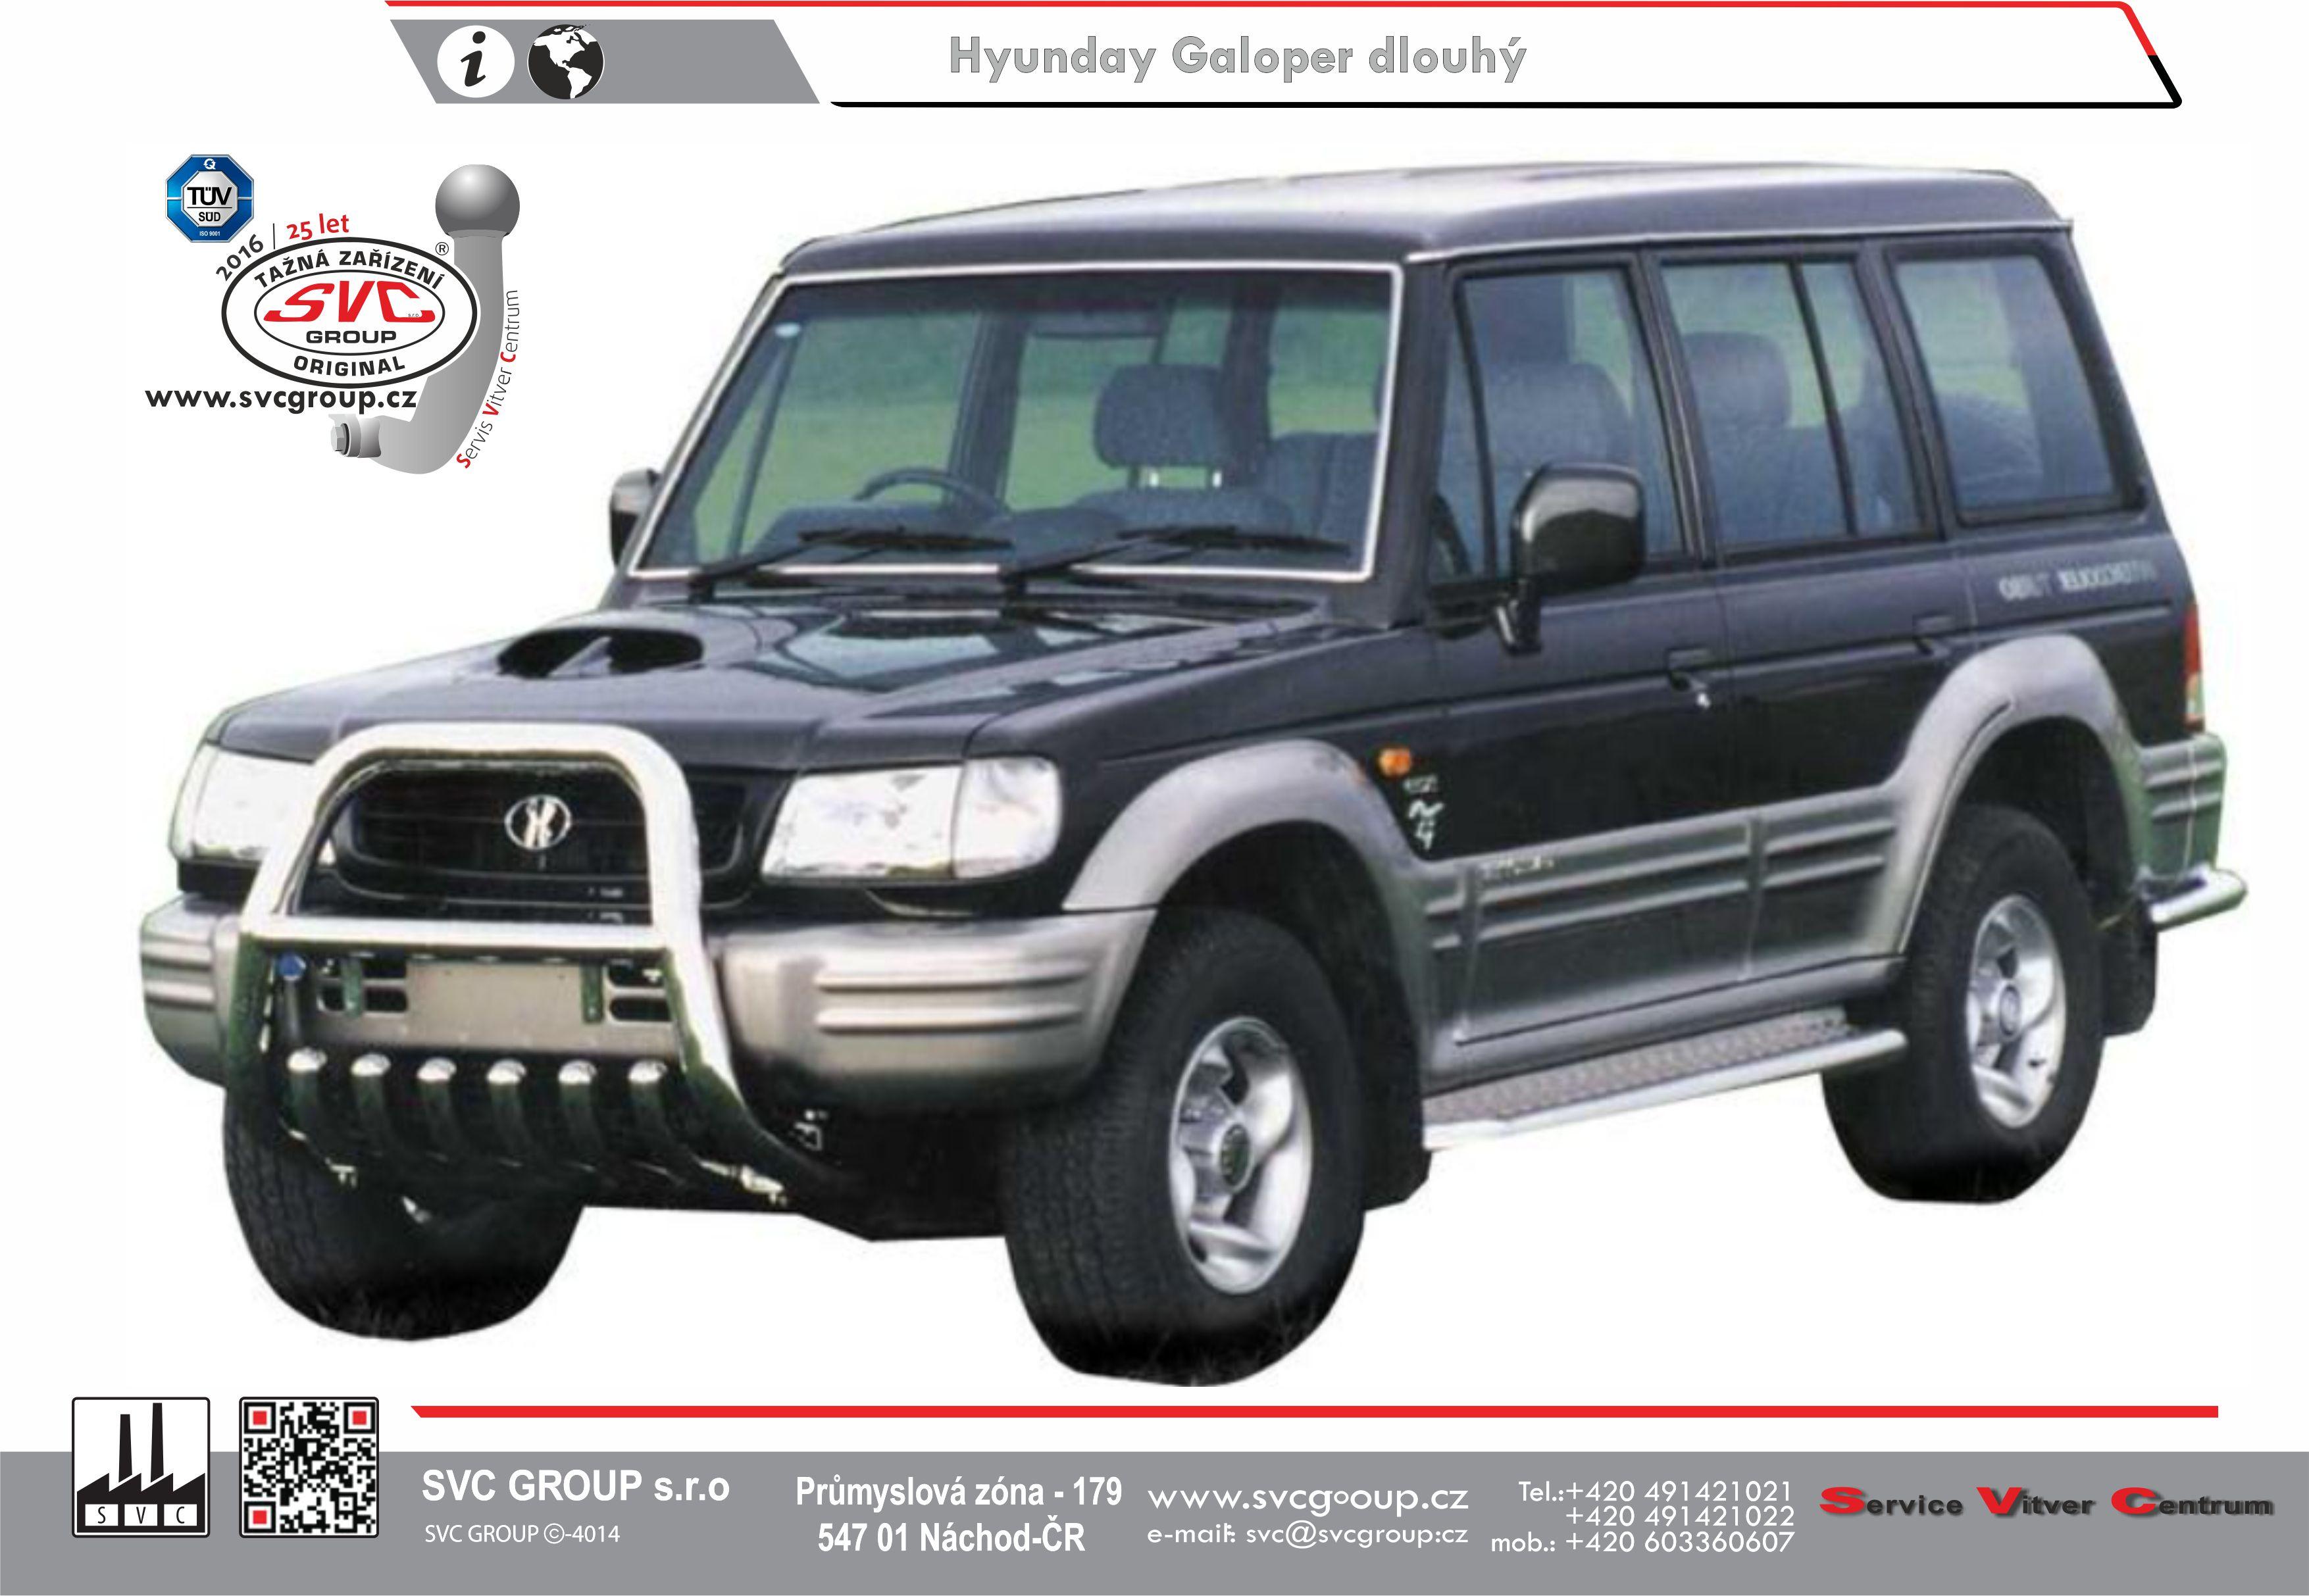 Hyundai Galloper 5 dvéřový - Dlouhý